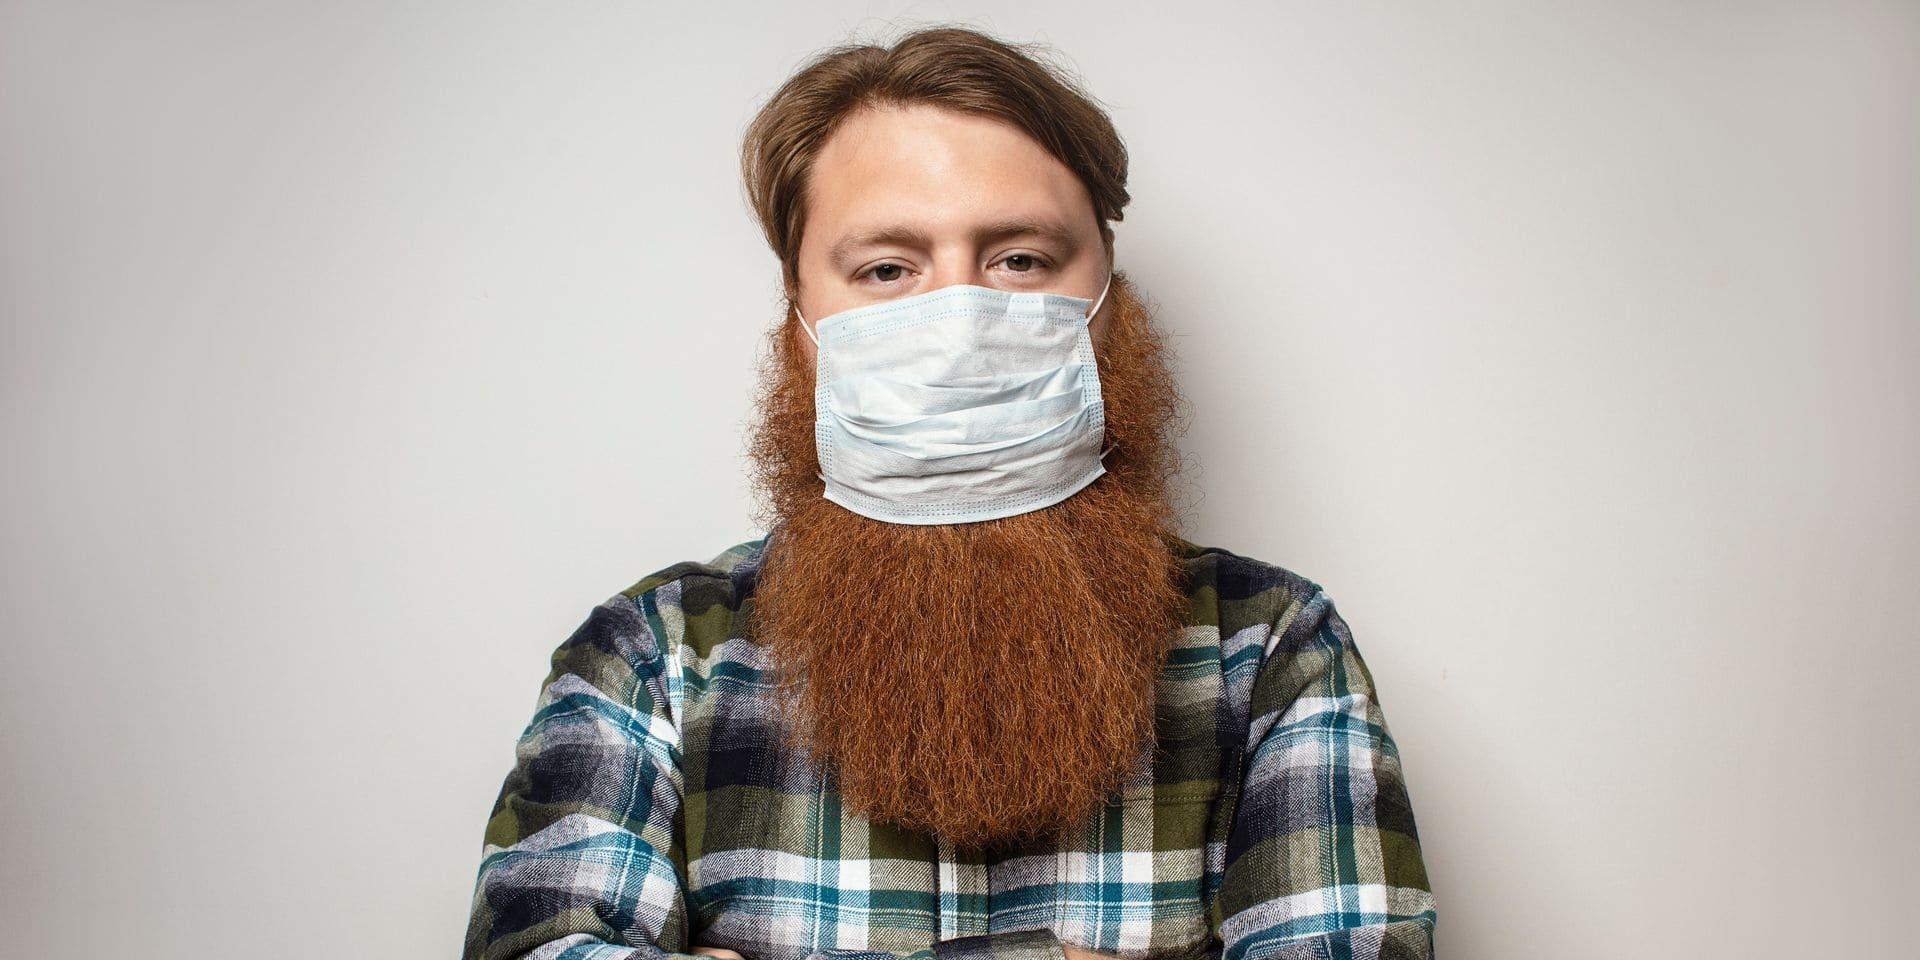 """Masques et barbes ne font pas bon ménage: """"elles diminuent l'efficacité des masques"""", selon un dermatologue"""